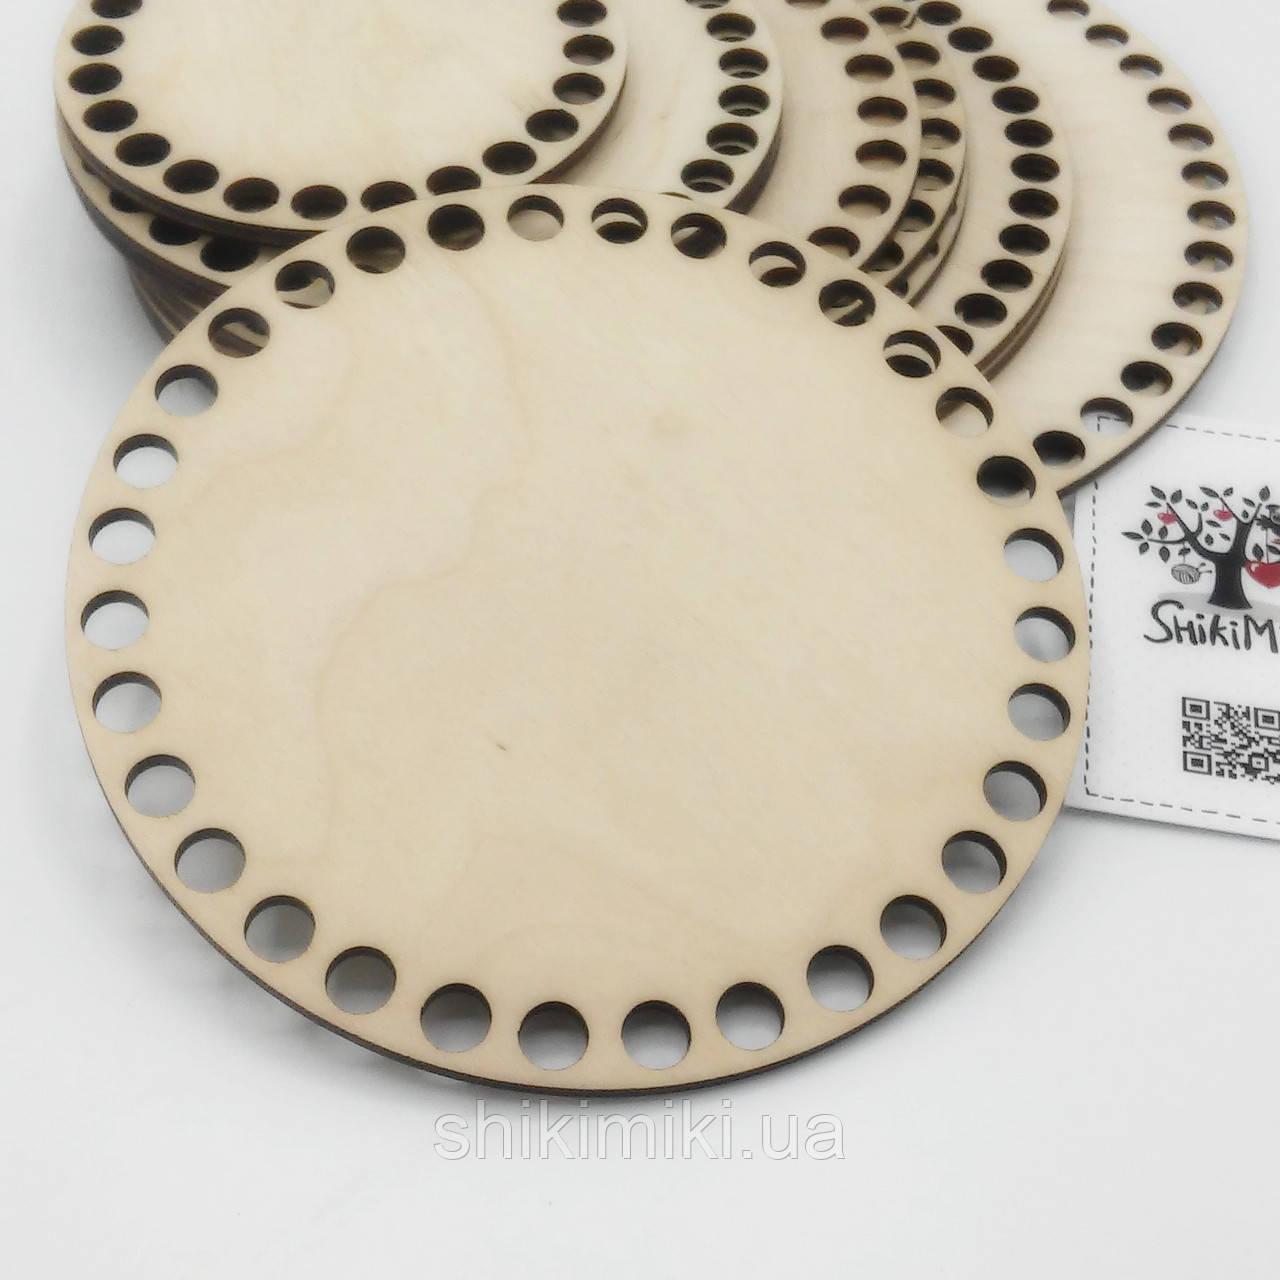 Заготовка из фанеры круглая (14 см)